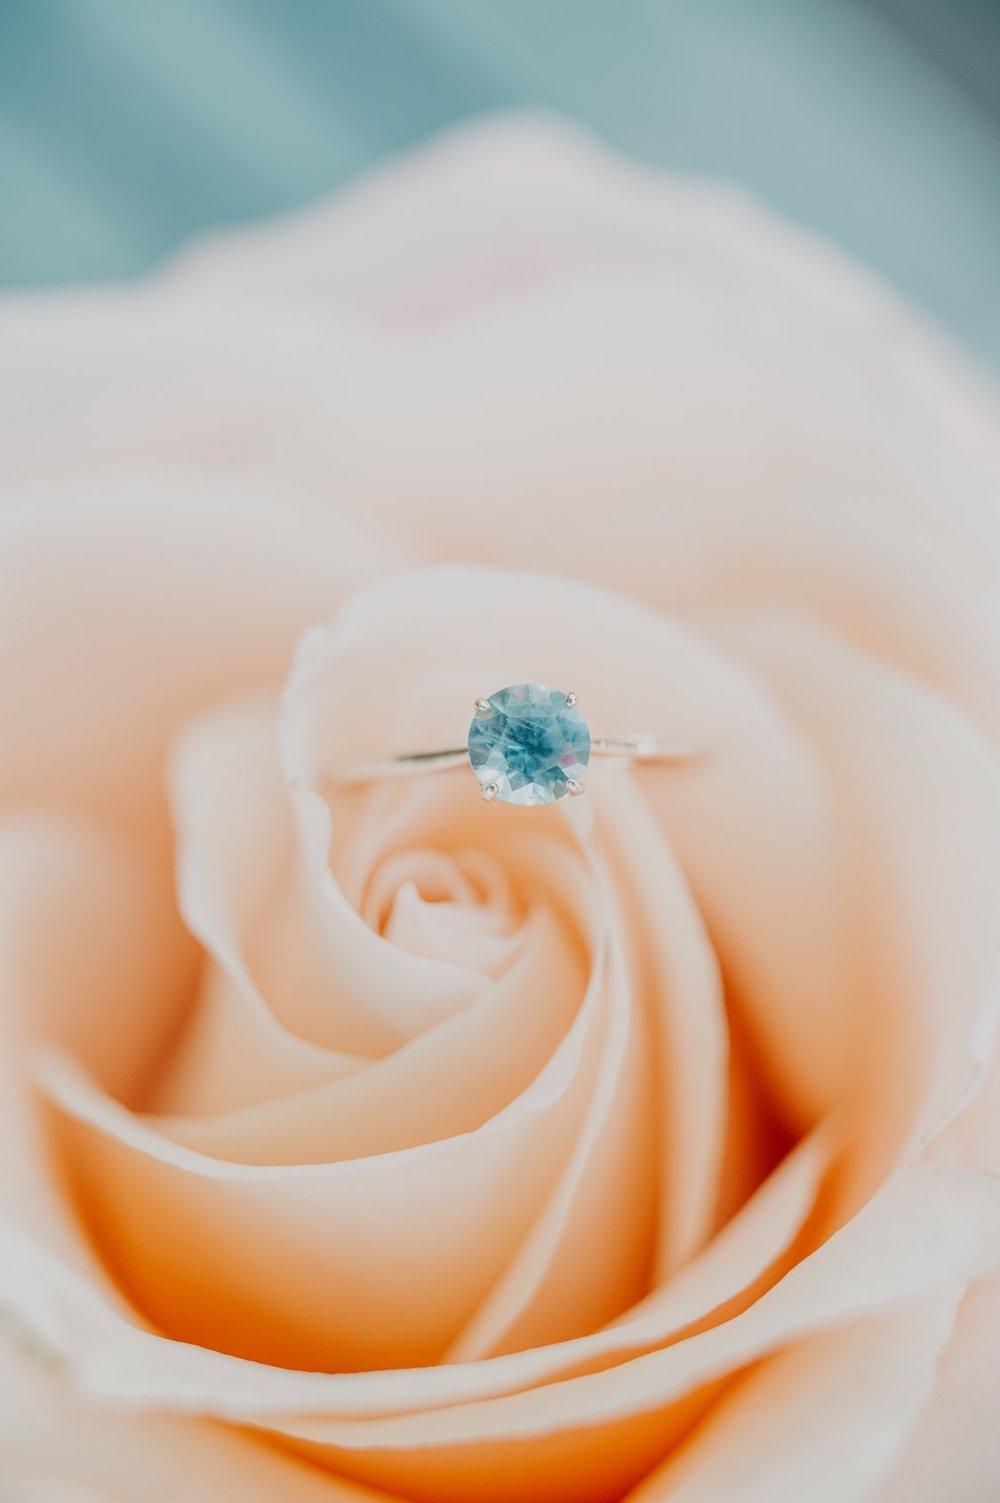 My Montana sapphire engagement ring! GAH!!